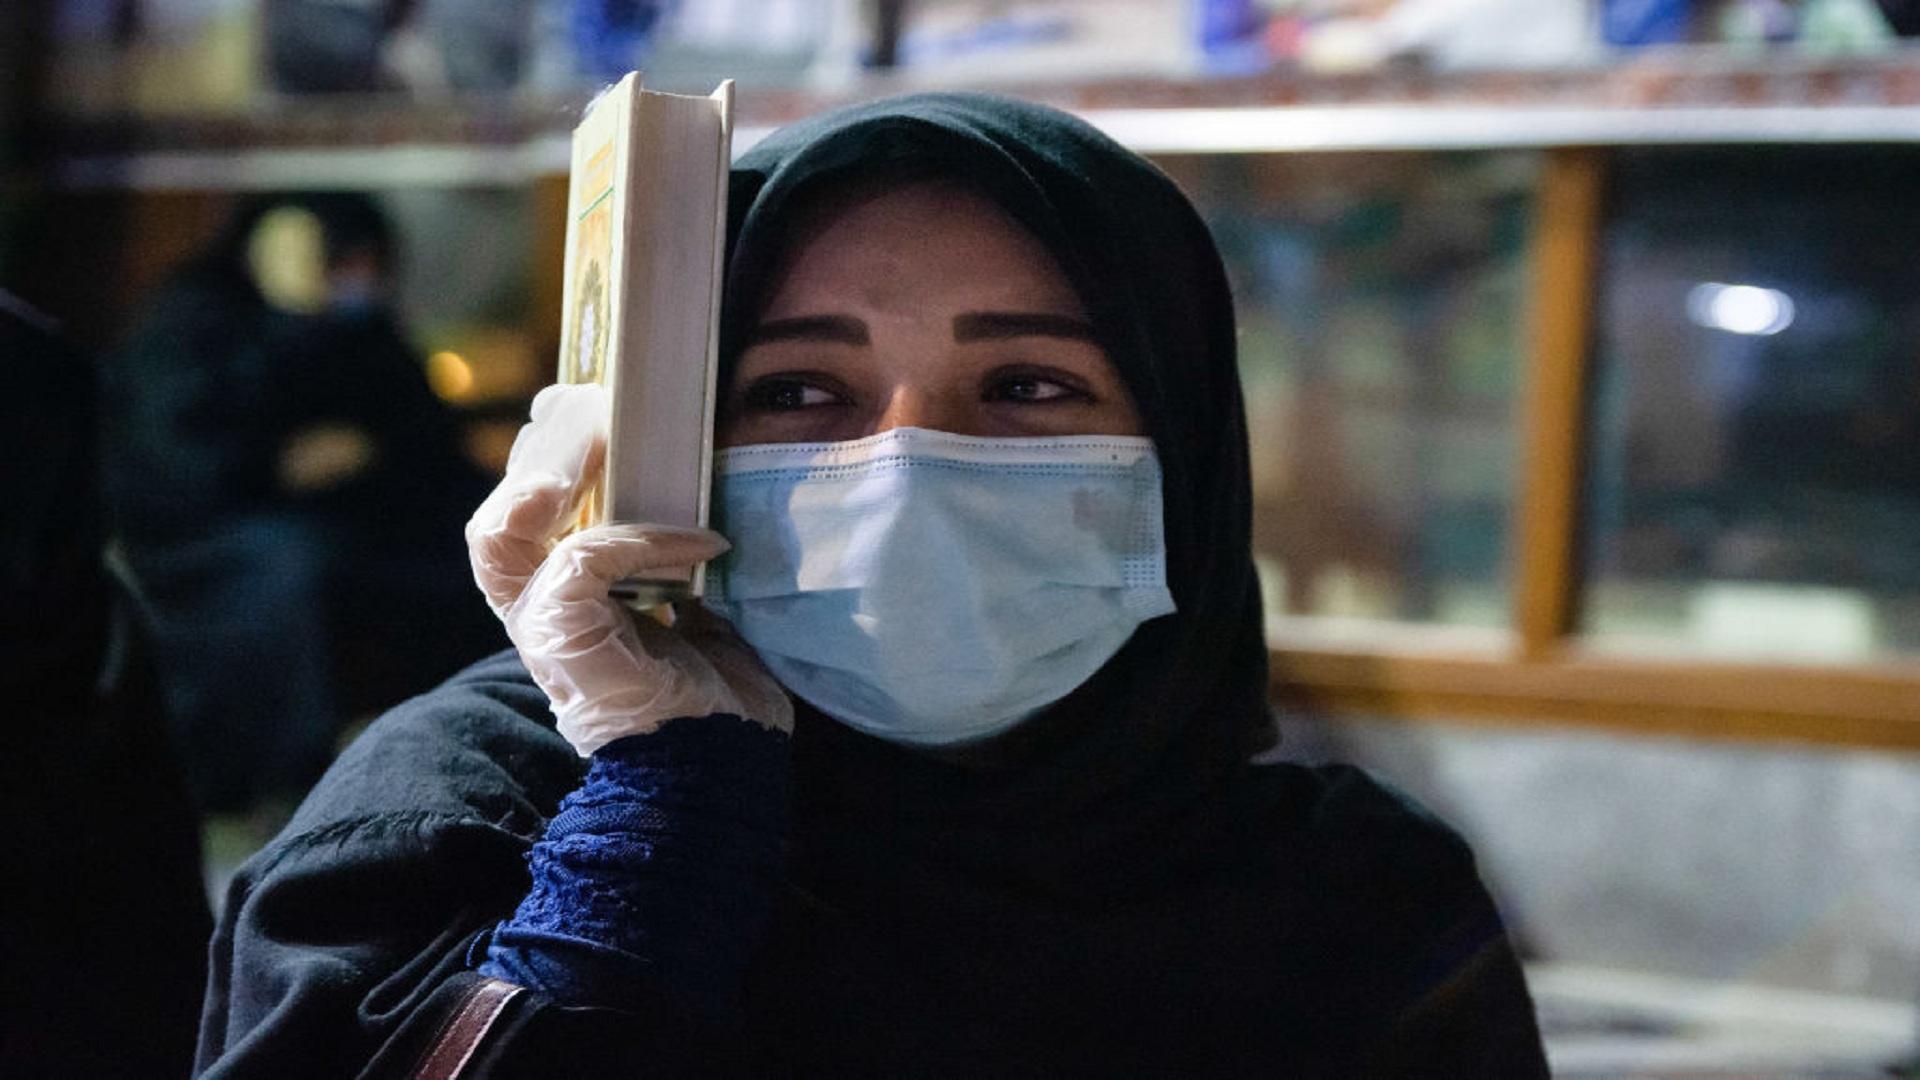 العراق يسجل انخفاضاً كبيراً في عدد الإصابات والوفيات بفيروس كورونا